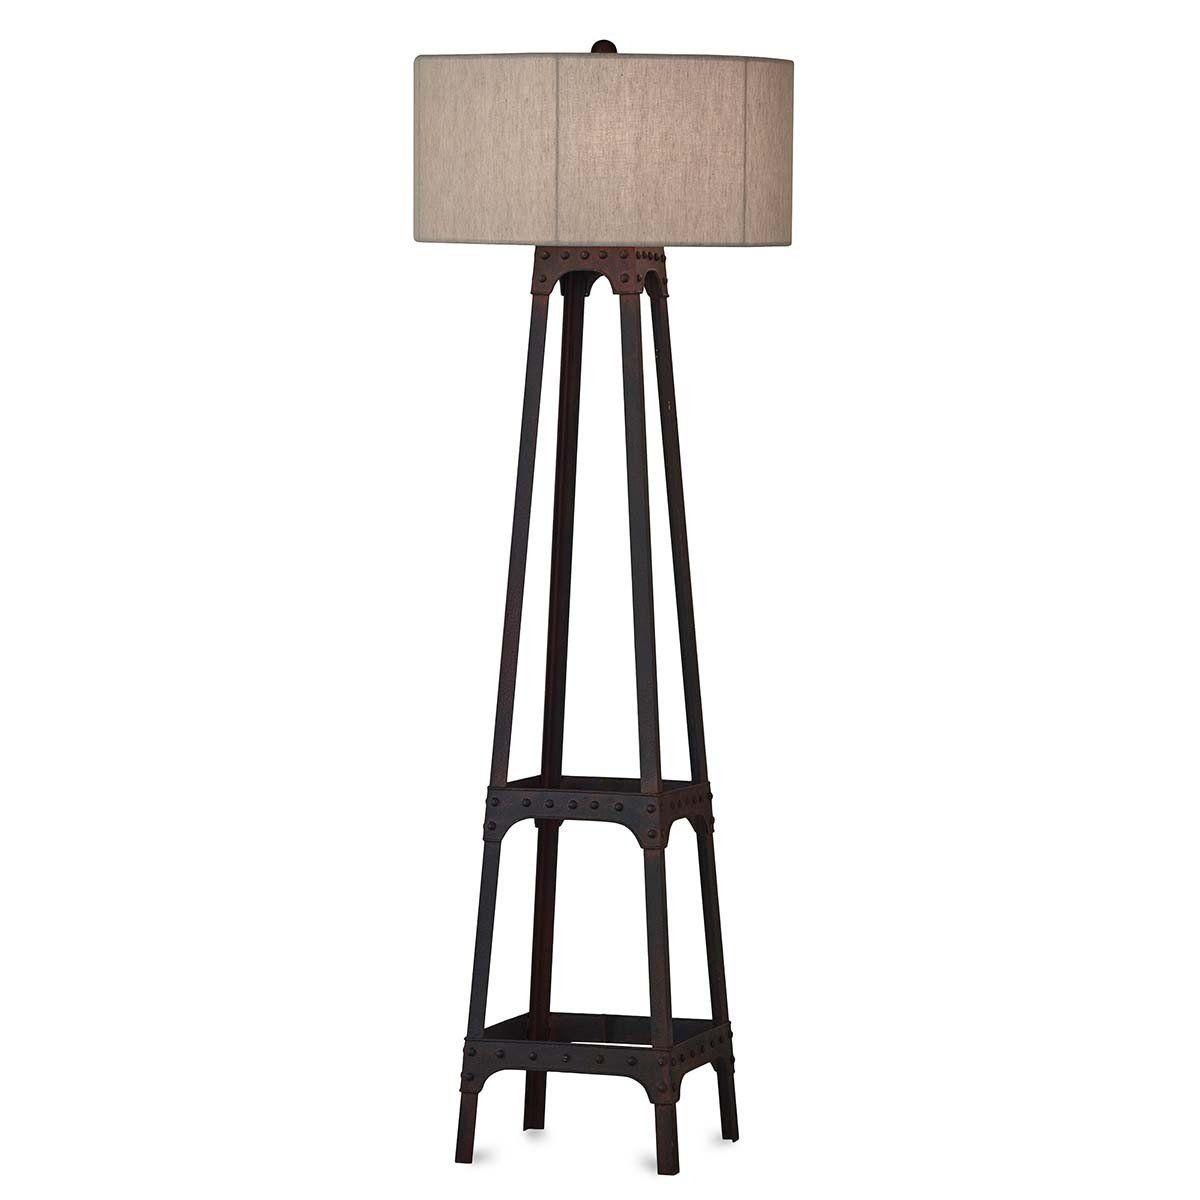 Aviator Standing Lamp Standing Lamp Lamp Table Lamp Lighting